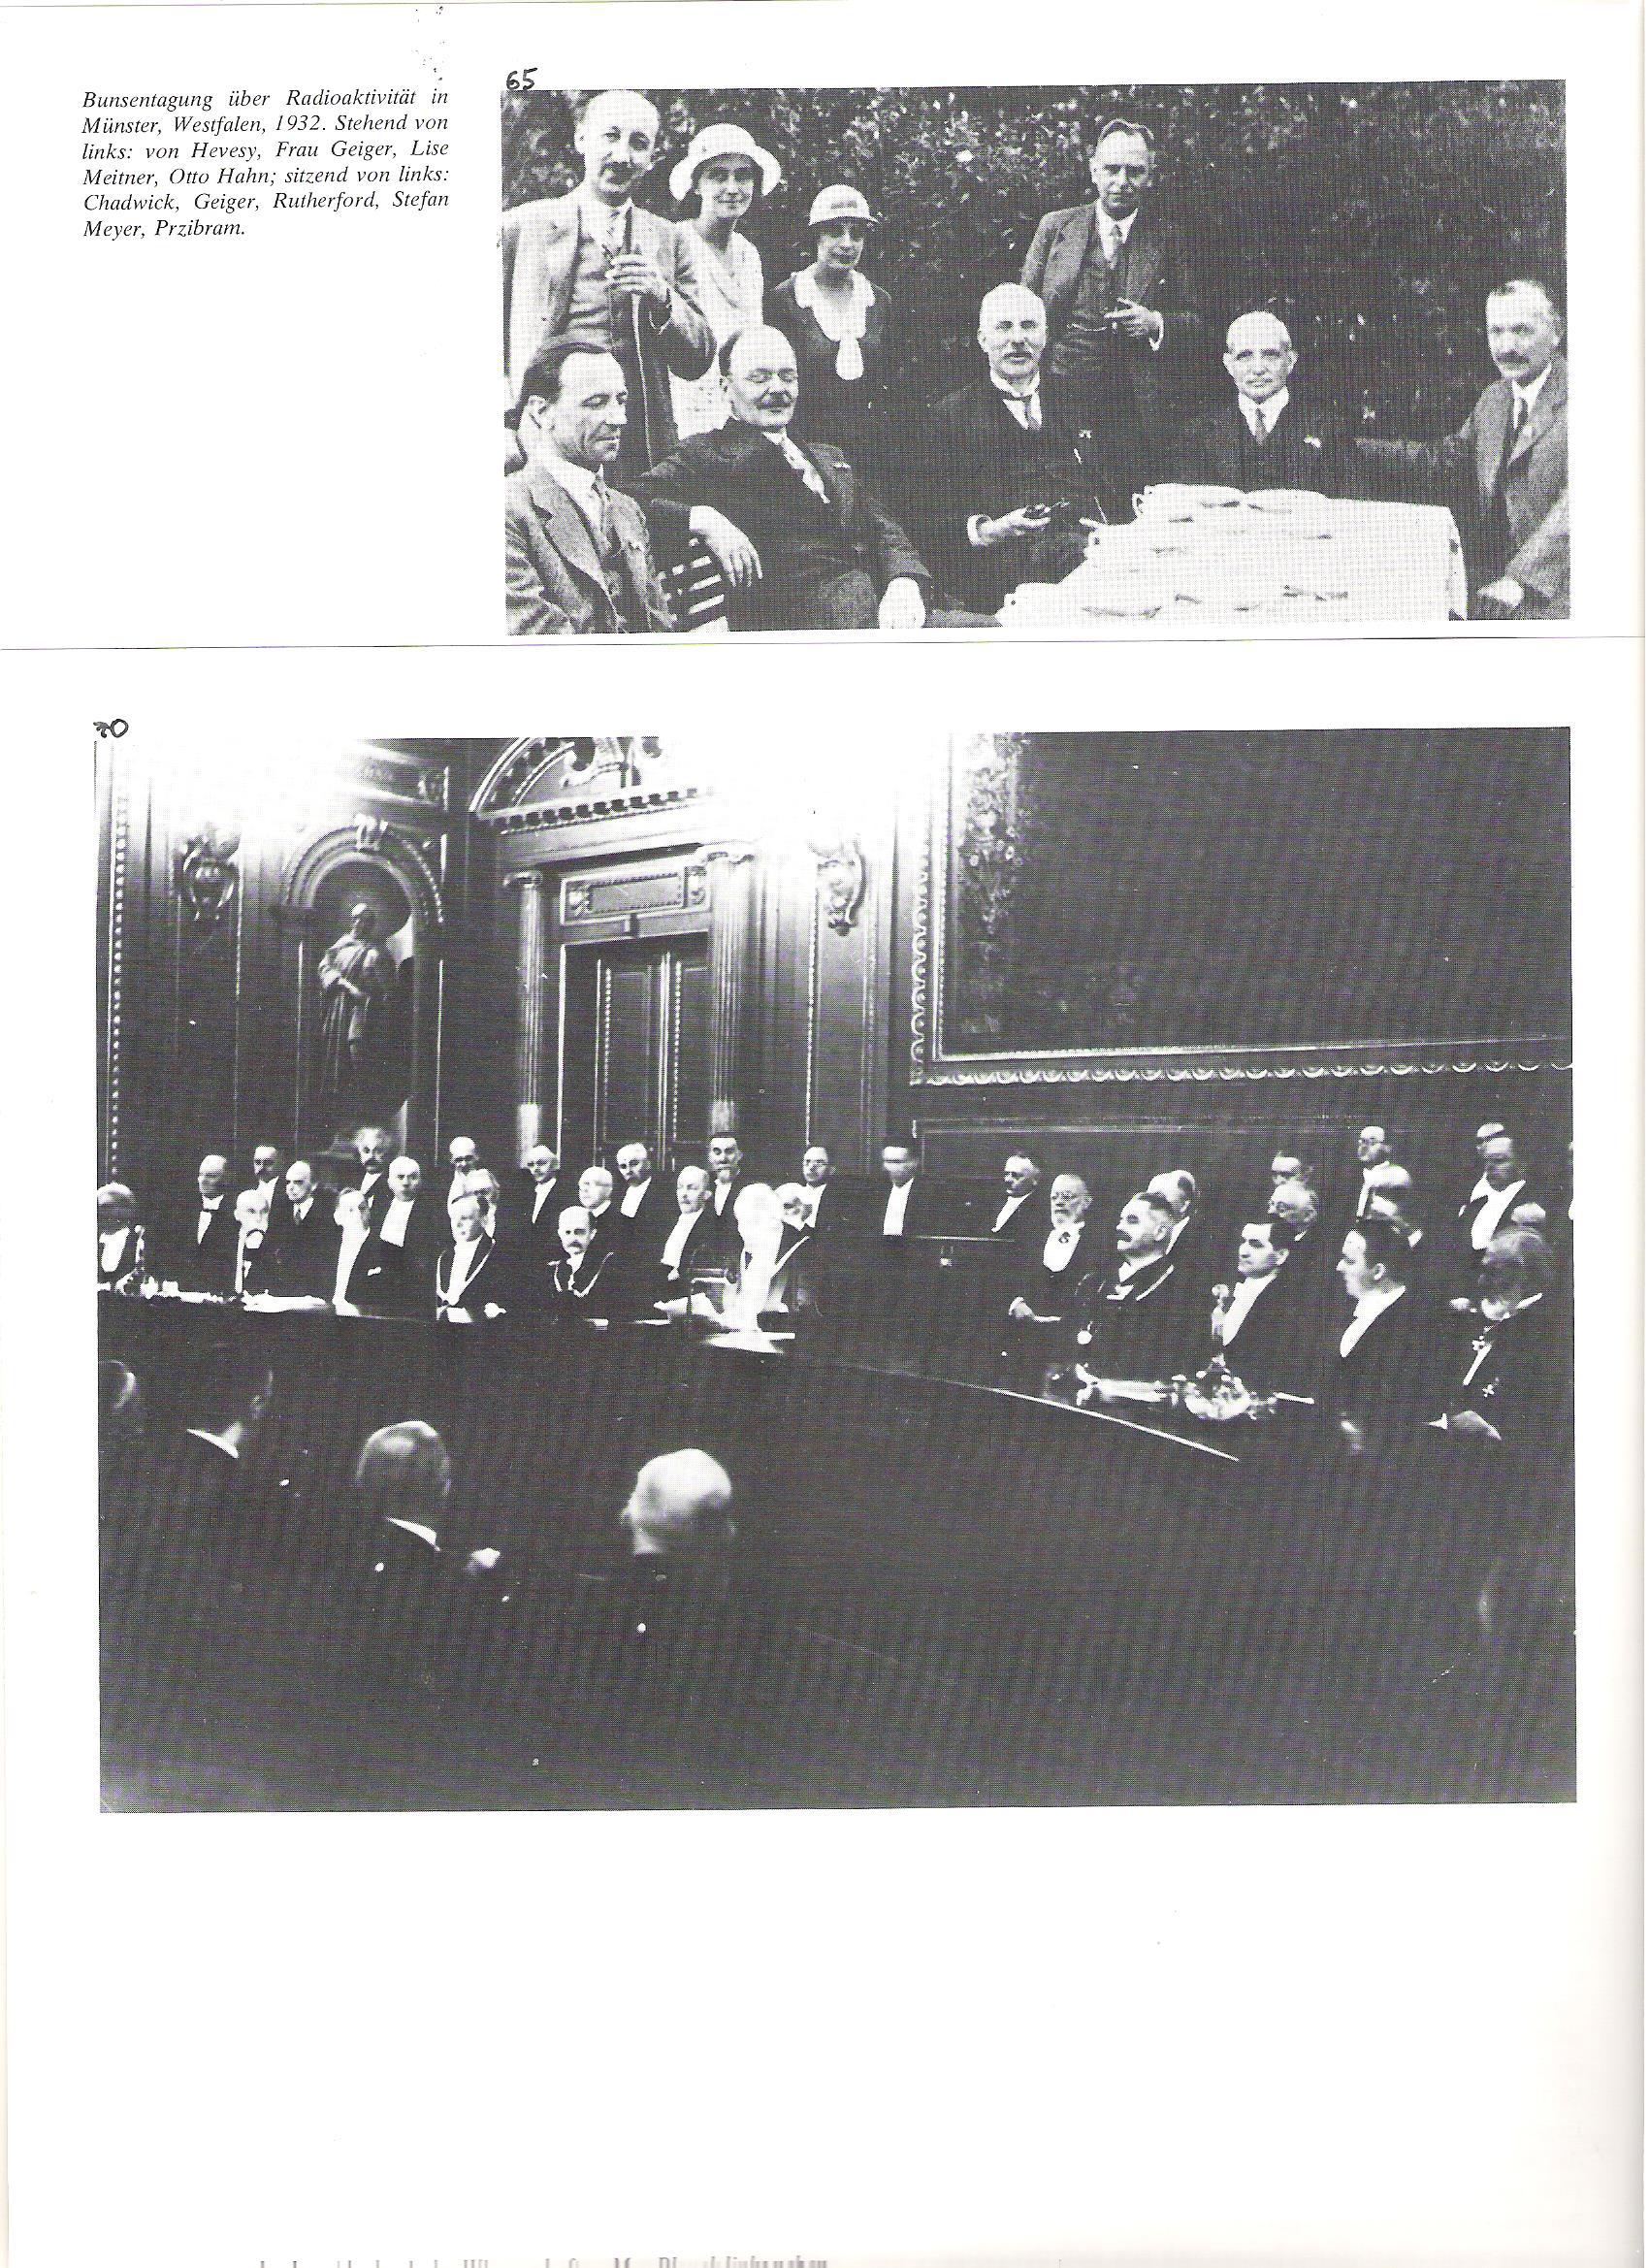 <br />65<br />A Bunsen-konferencia a radioaktivitásról, Münster, 1932<br />Állnak, balról jobbra: v. Hevesy, Geiger asszony, Lise Meitner, Otto Hahn.<br />Ülnek, balról jobbra: Chadwick, Geiger, Rutherford, Stefan Meyer, Przibram.